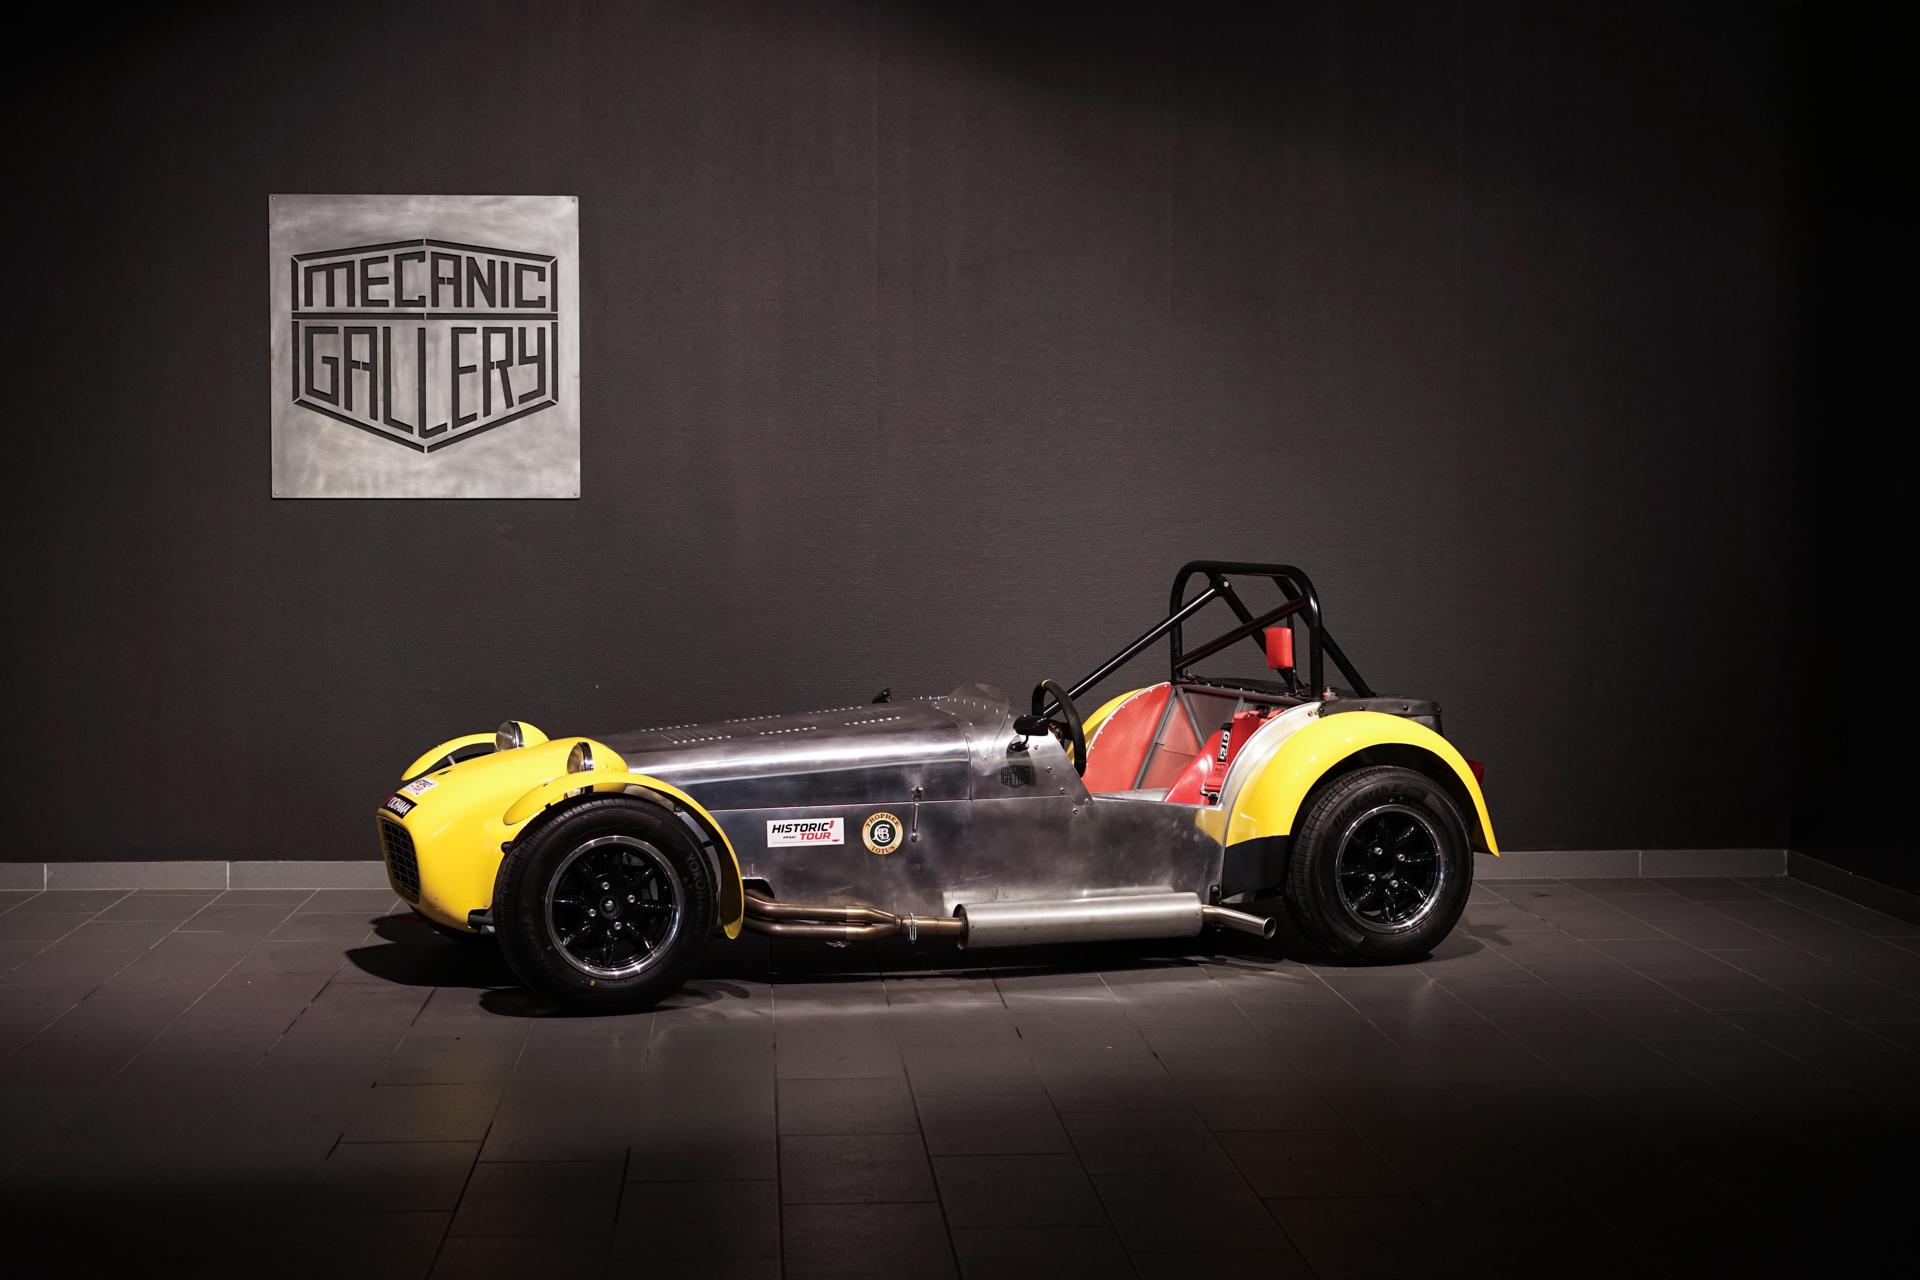 1969-lotus-super-seven-lhd-mecanicgallery1